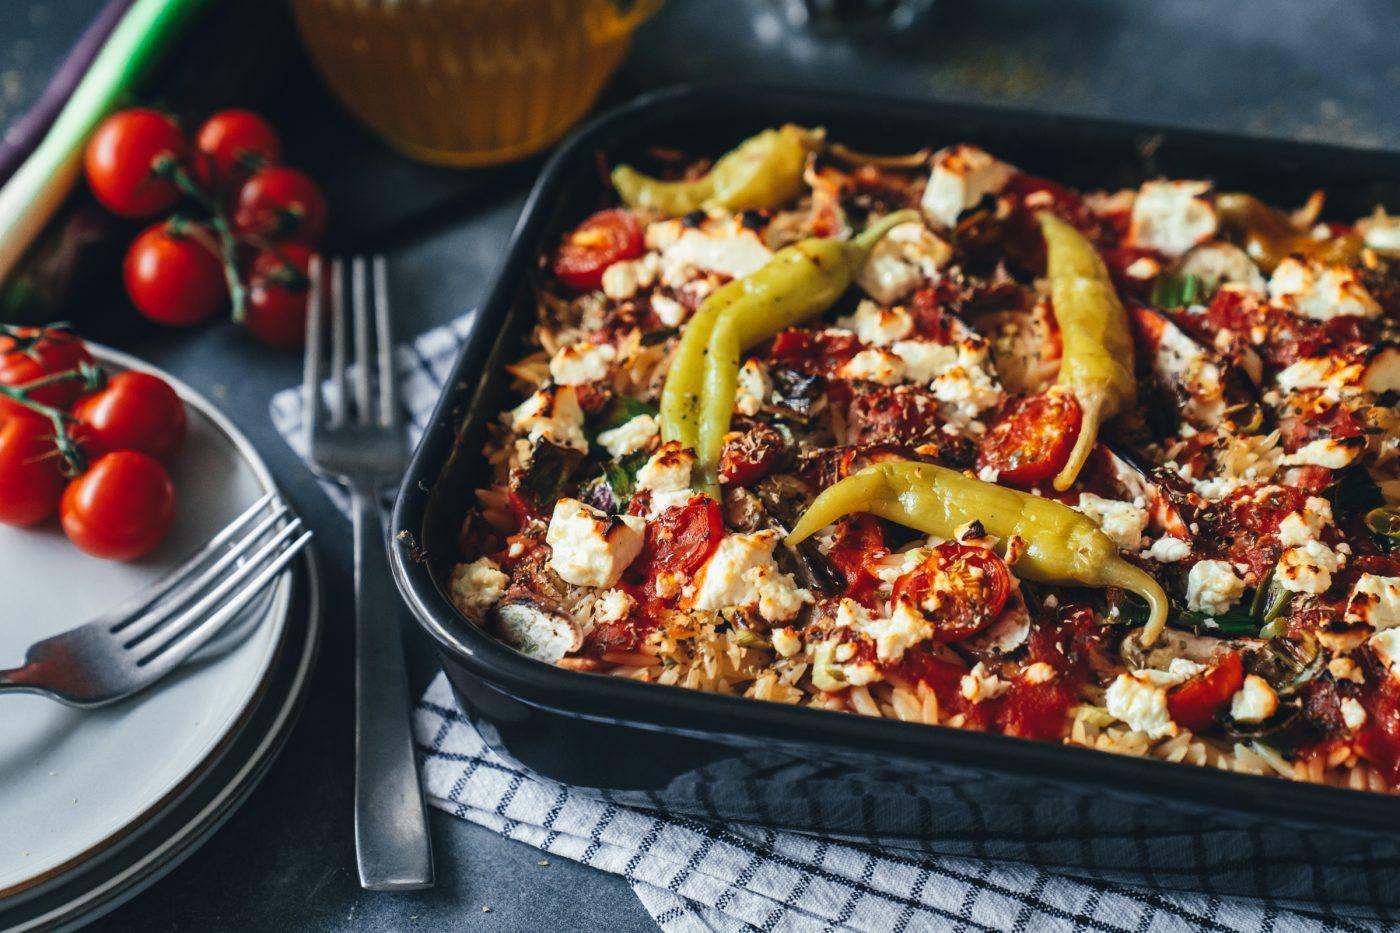 Rezept für einen schnell gemachten Nudelauflauf. Feta, Tomaten, Oregano und Peperoni machen dieses Gericht zu einem griechischen Aromenfeuerwerk. Probier es einfach aus!